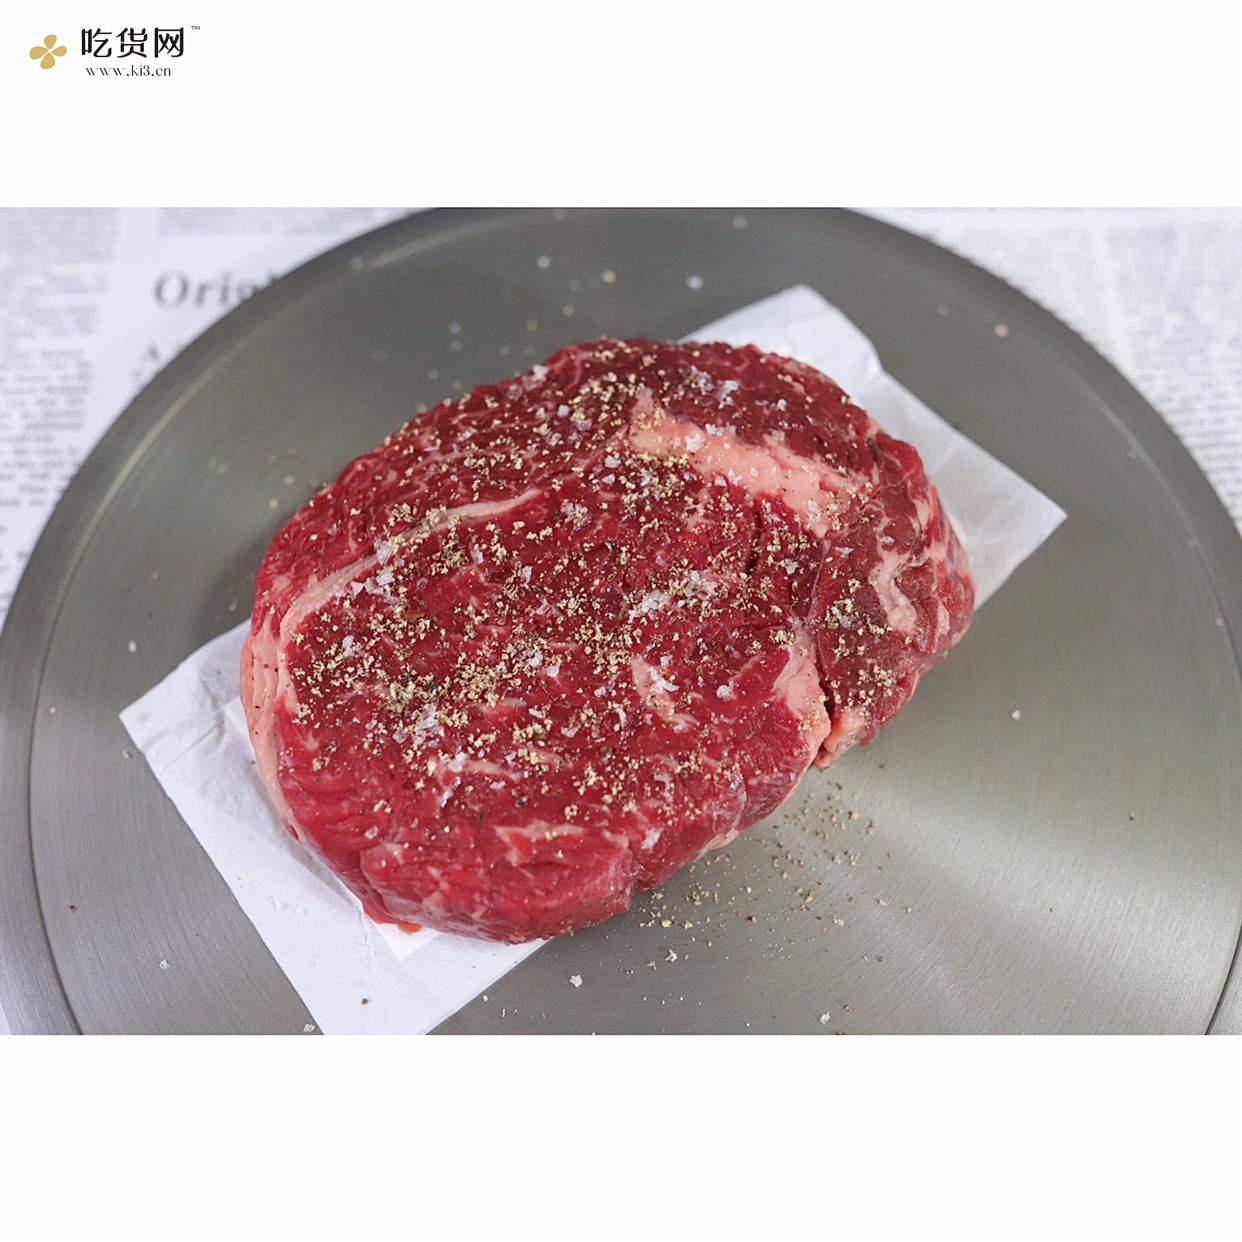 烤肉眼牛排【外焦里嫩】的做法 步骤2